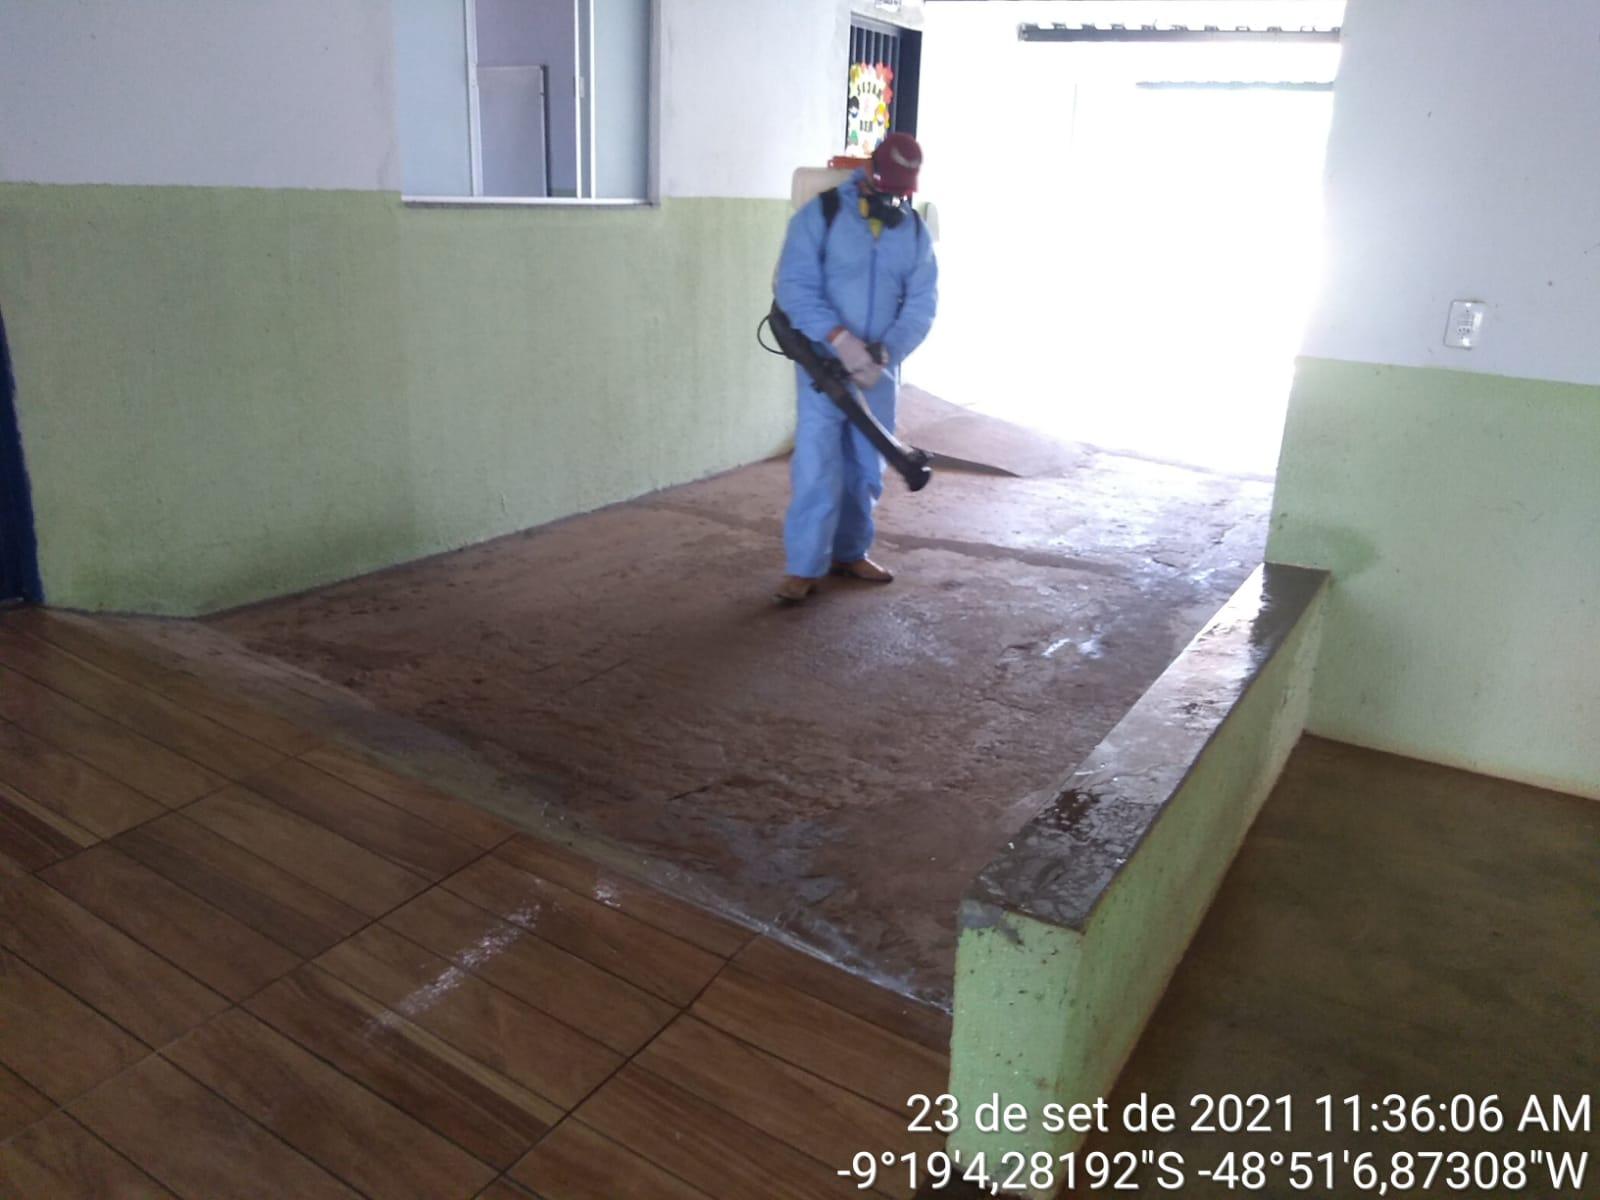 Atividade deixou a unidade higienizada para aulas presenciais - Foto: Ascom/Divulgação